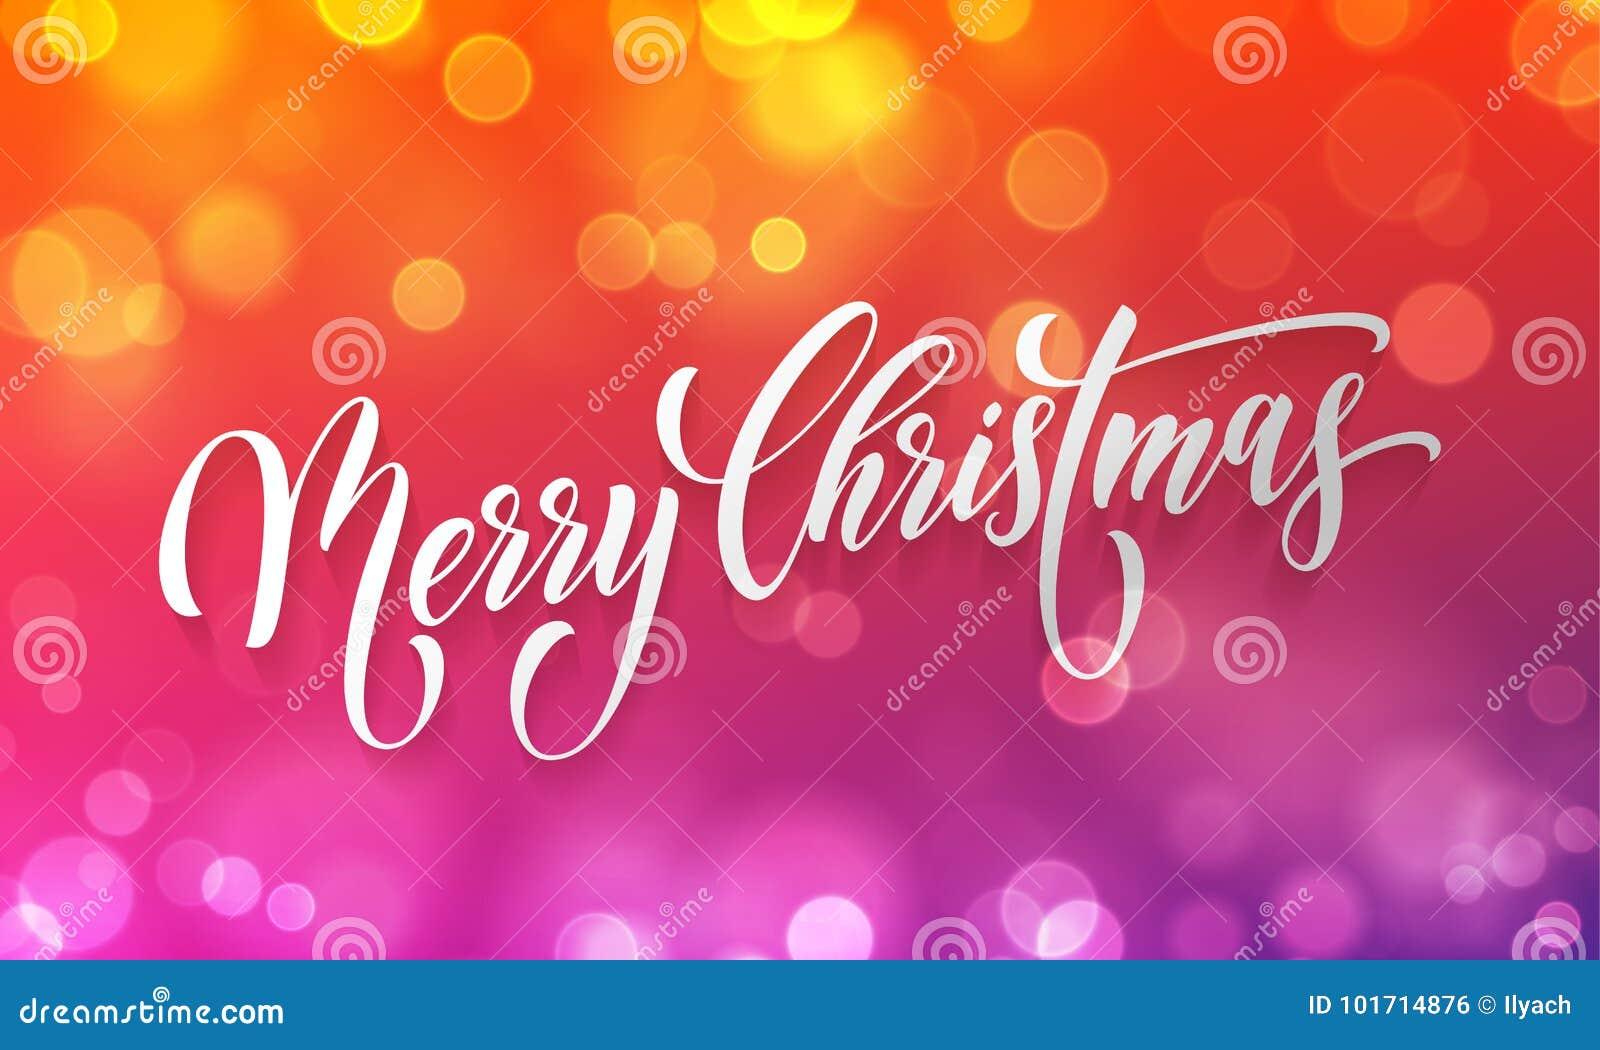 Grußkarten-Vektor goldener heller bokeh Unschärfe der frohen Weihnachten Hintergrund neuen Jahres